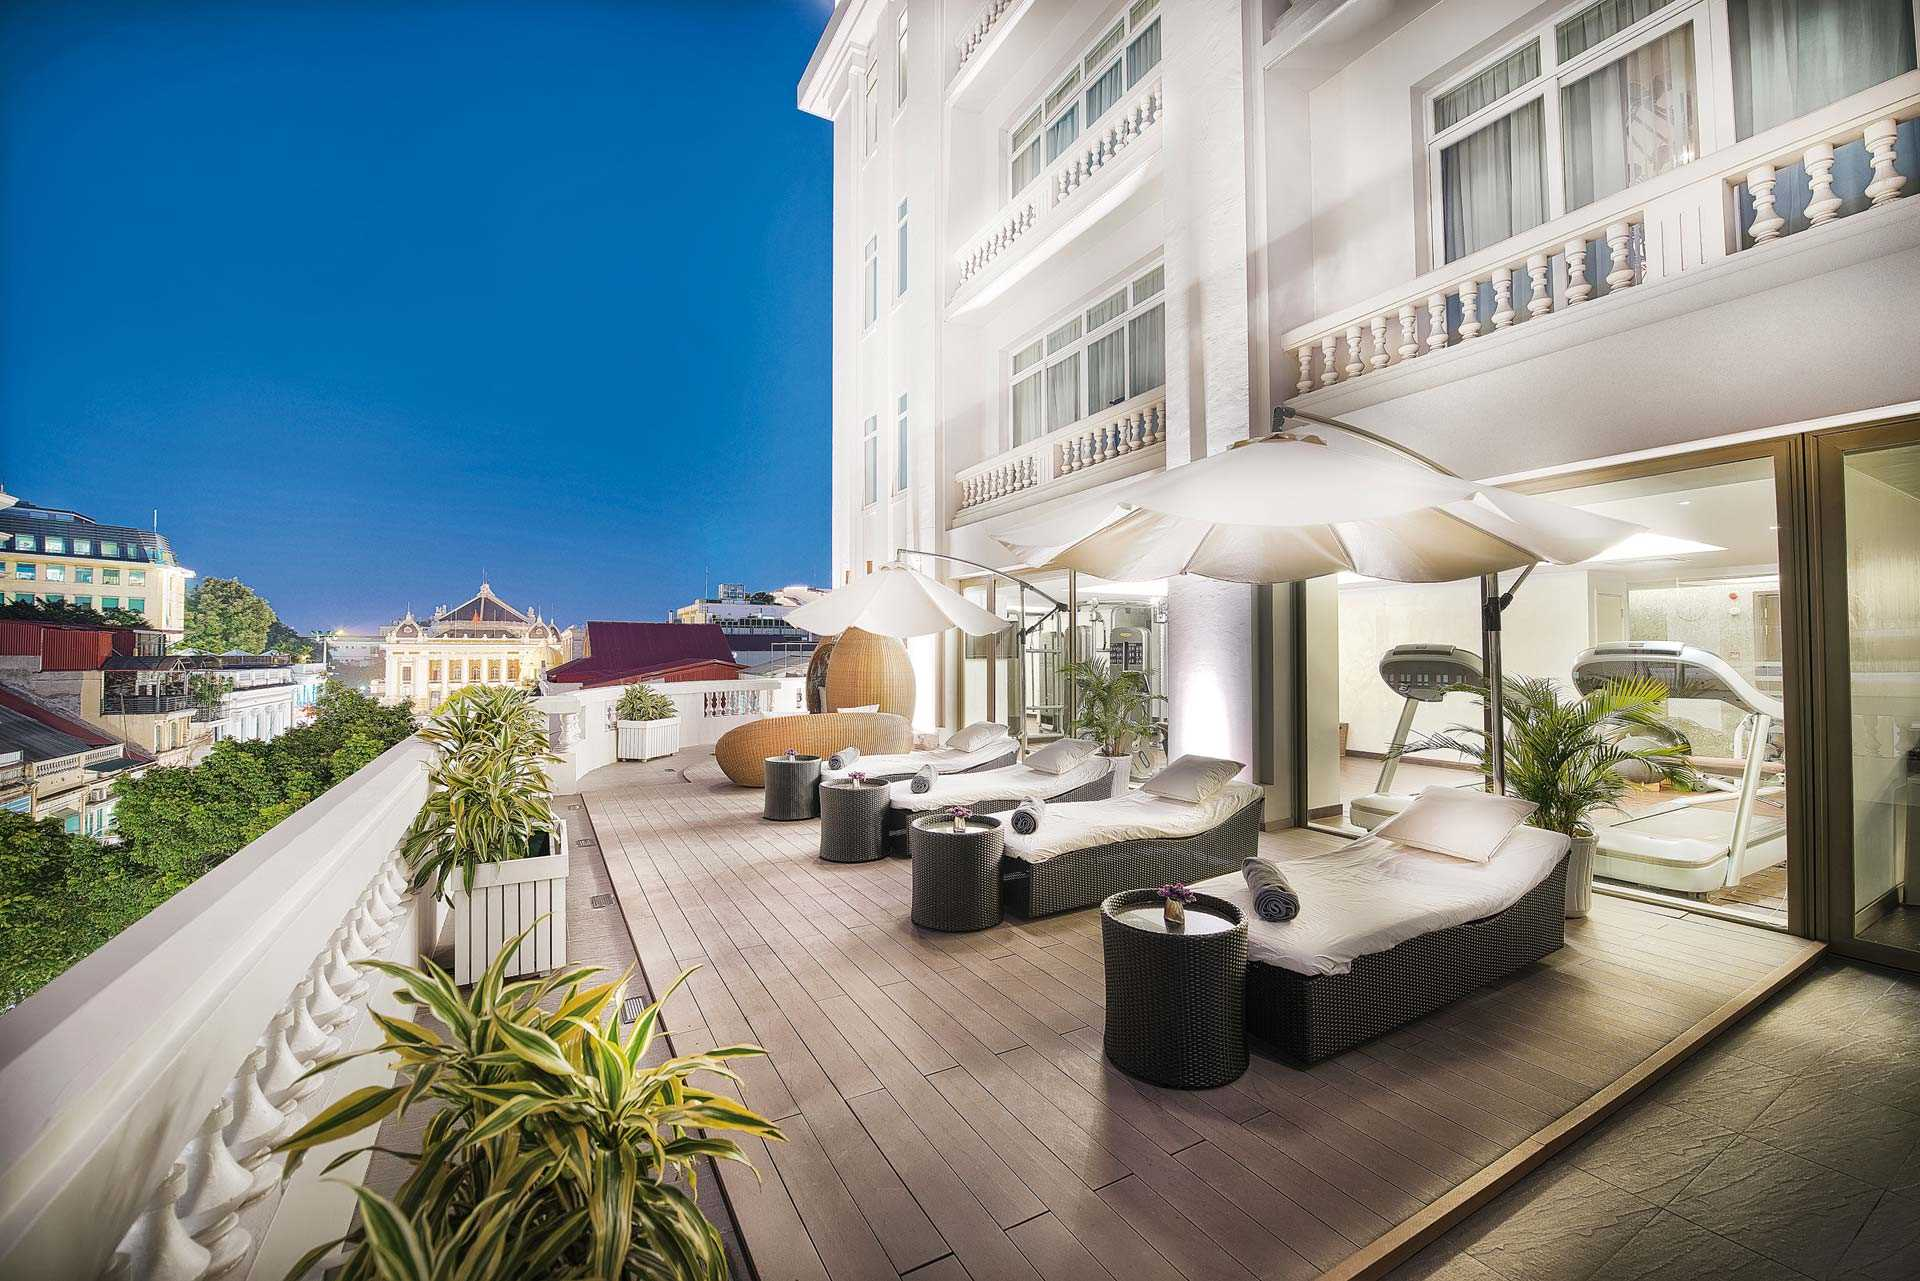 Hotel de lOpera Hanoi - MGallery Terrasse